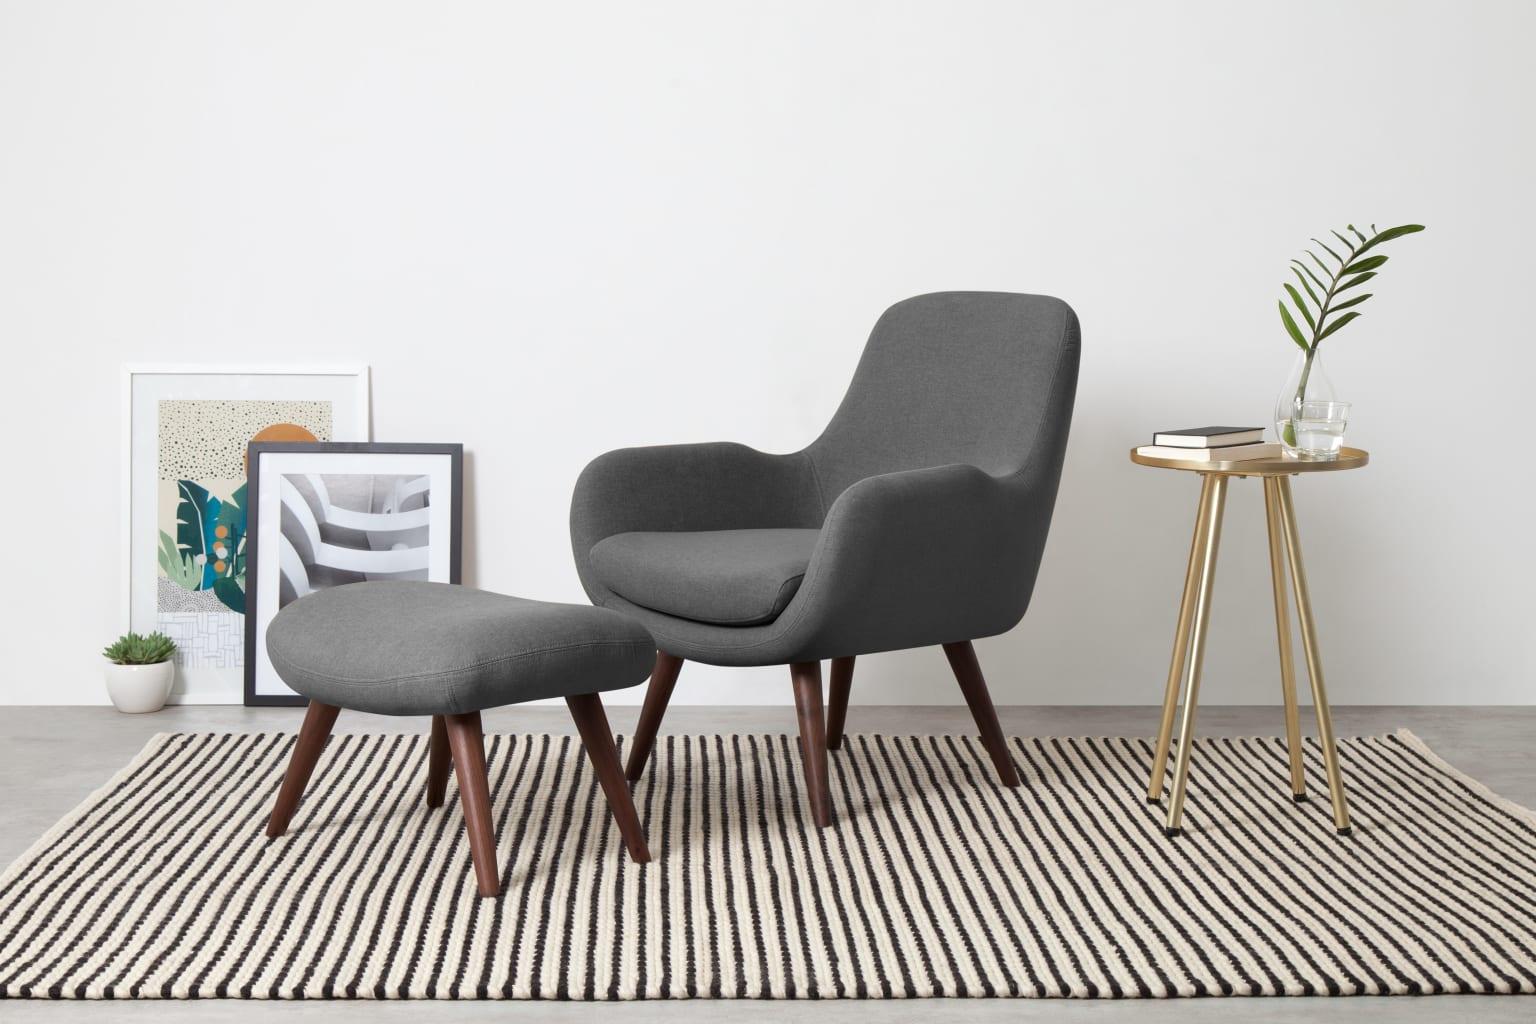 Moby Accent Armchair and Footstool Marl Grey ar1 1 PL PS - Canapés design : des modèles tendances pour un salon élégant en 2021